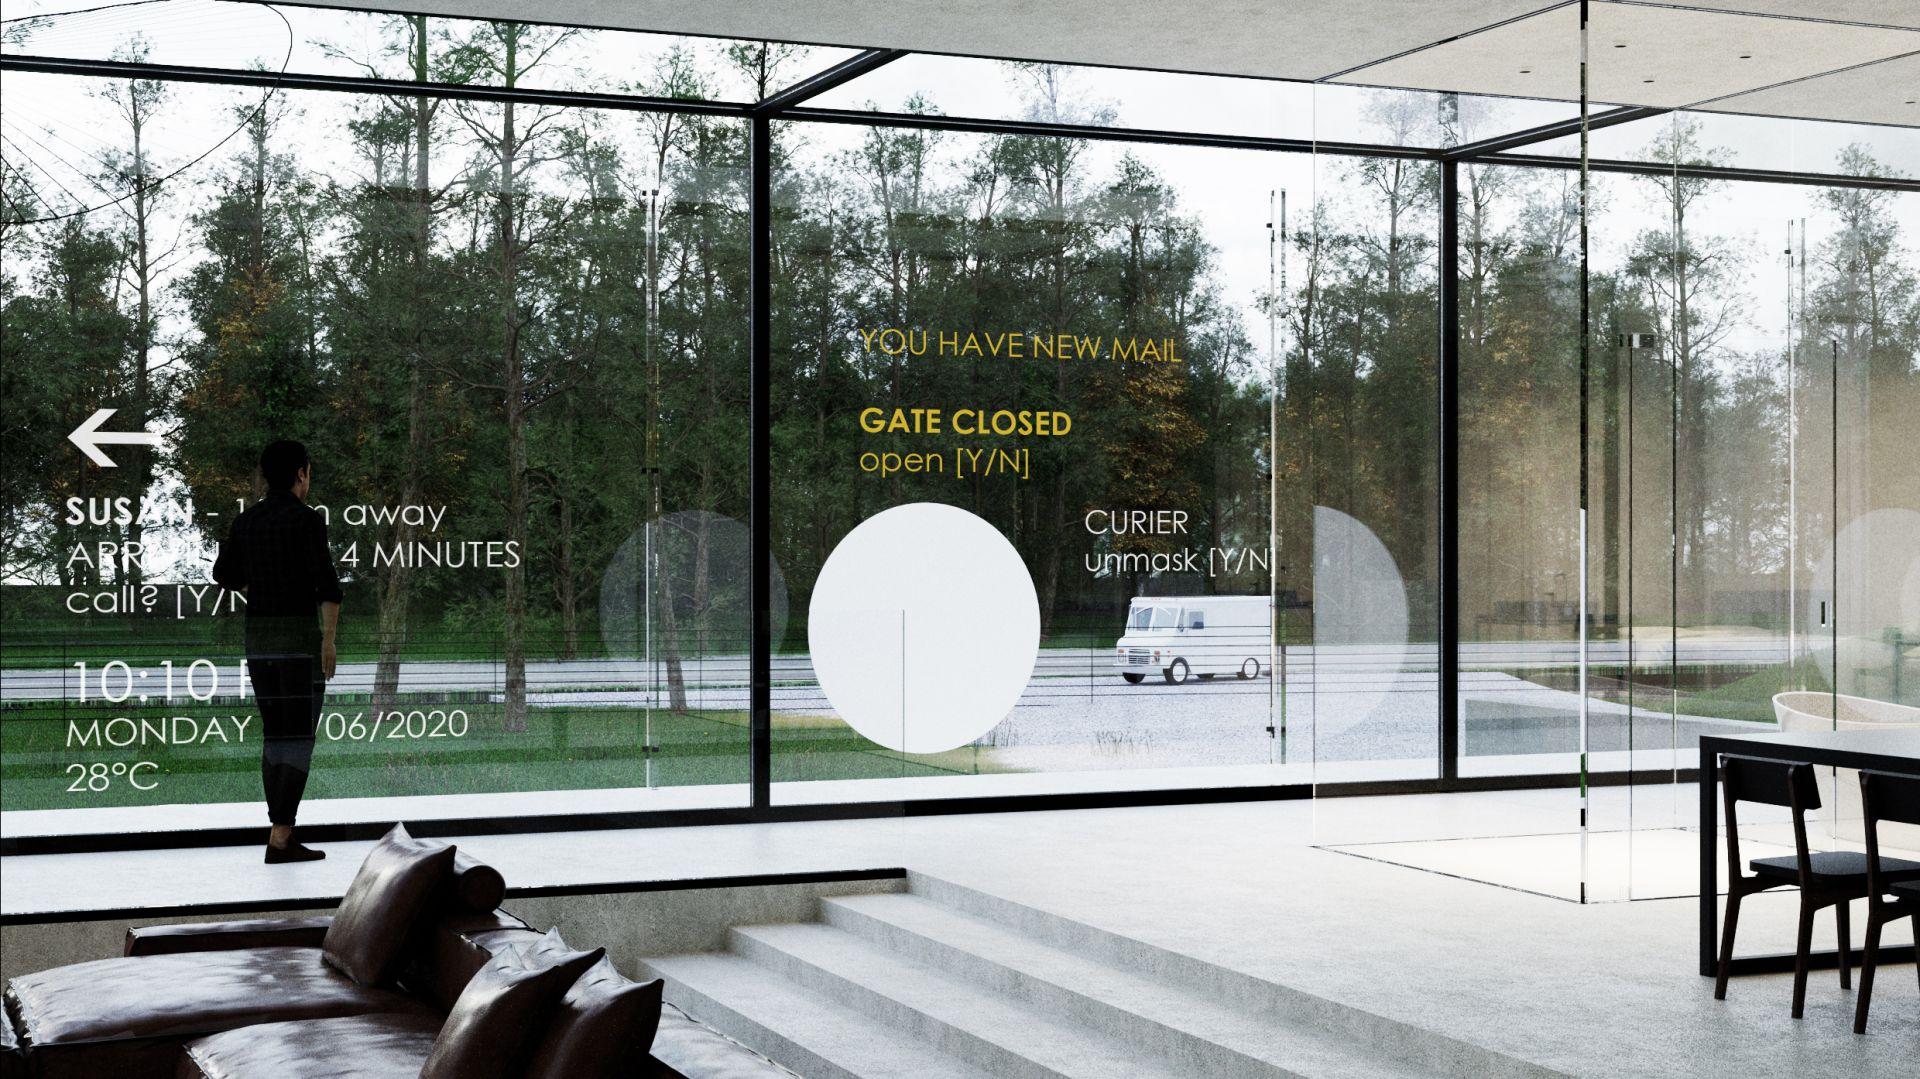 To projekt przekraczający granice: zarówno te mentalne – proponuje niespotykane wciąż wykorzystanie rzeczywistości rozszerzonej – jak i fizyczne, gdzie ściany domu znikają na życzenie, odsłaniając panoramiczny widok.Fot. Dom Szeroko Zamknięty - House Wide Shut pracownia Grupa Plus Architekci